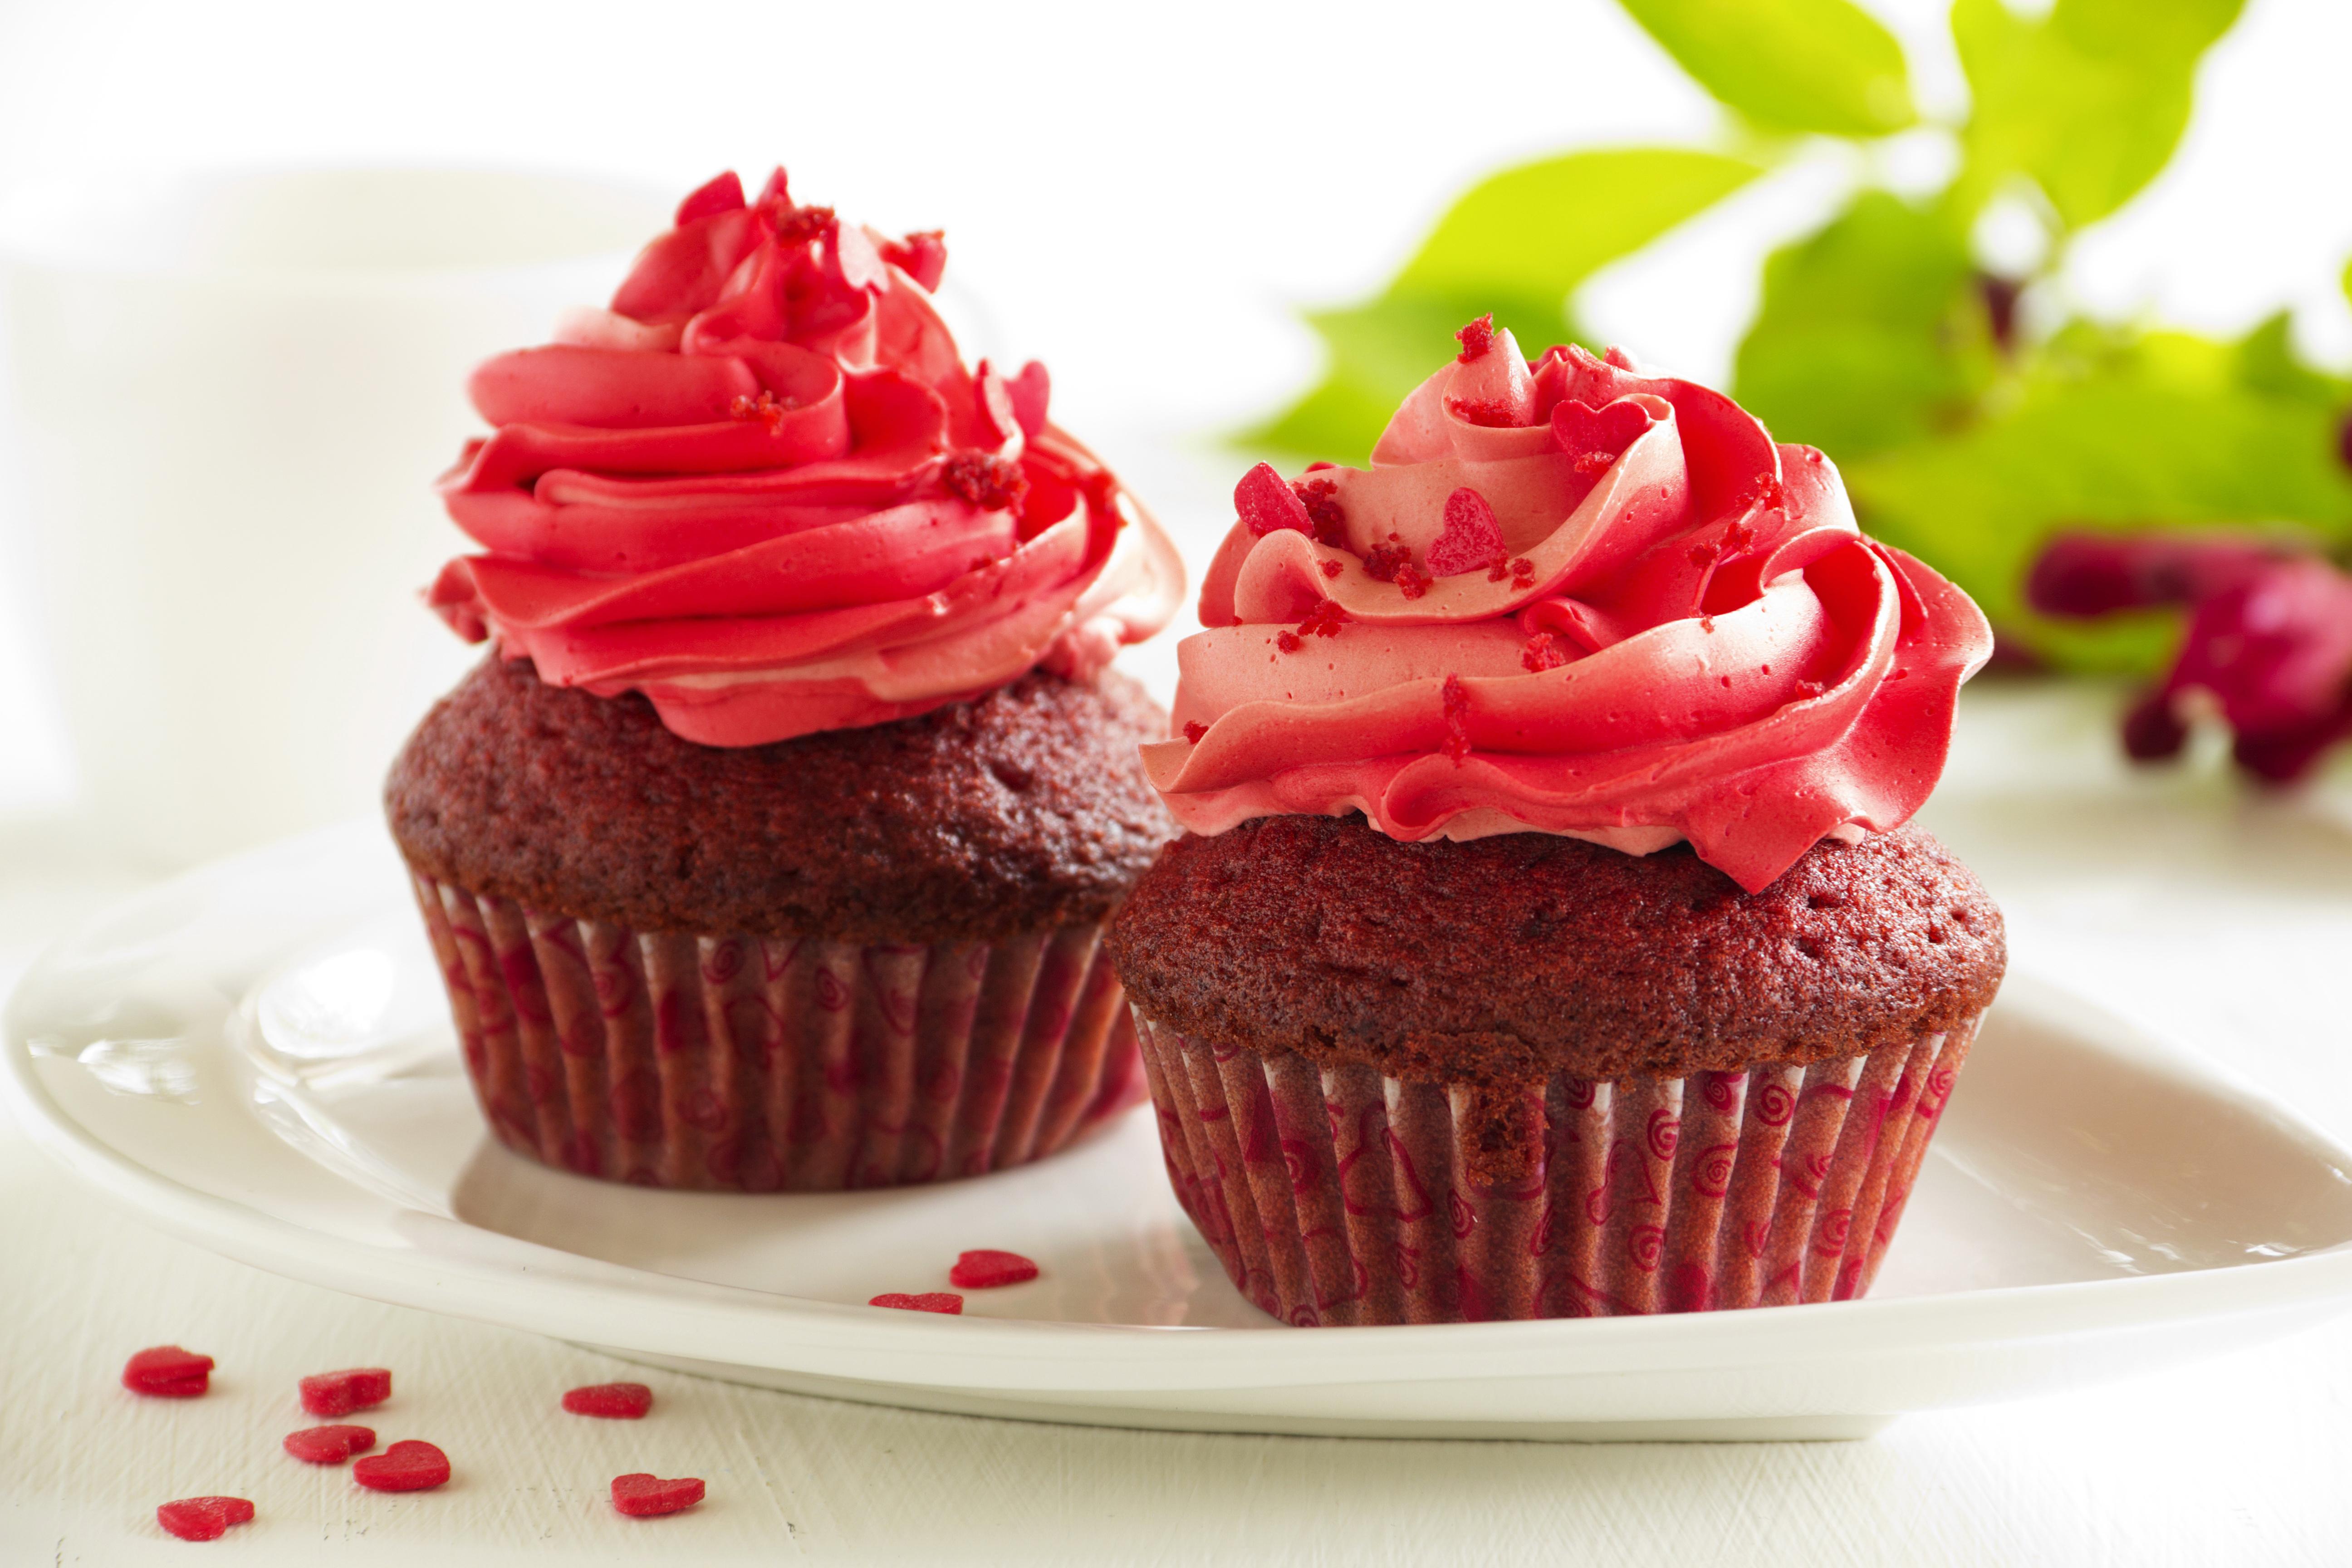 кексы пирожное cupcakes cake  № 132215 без смс